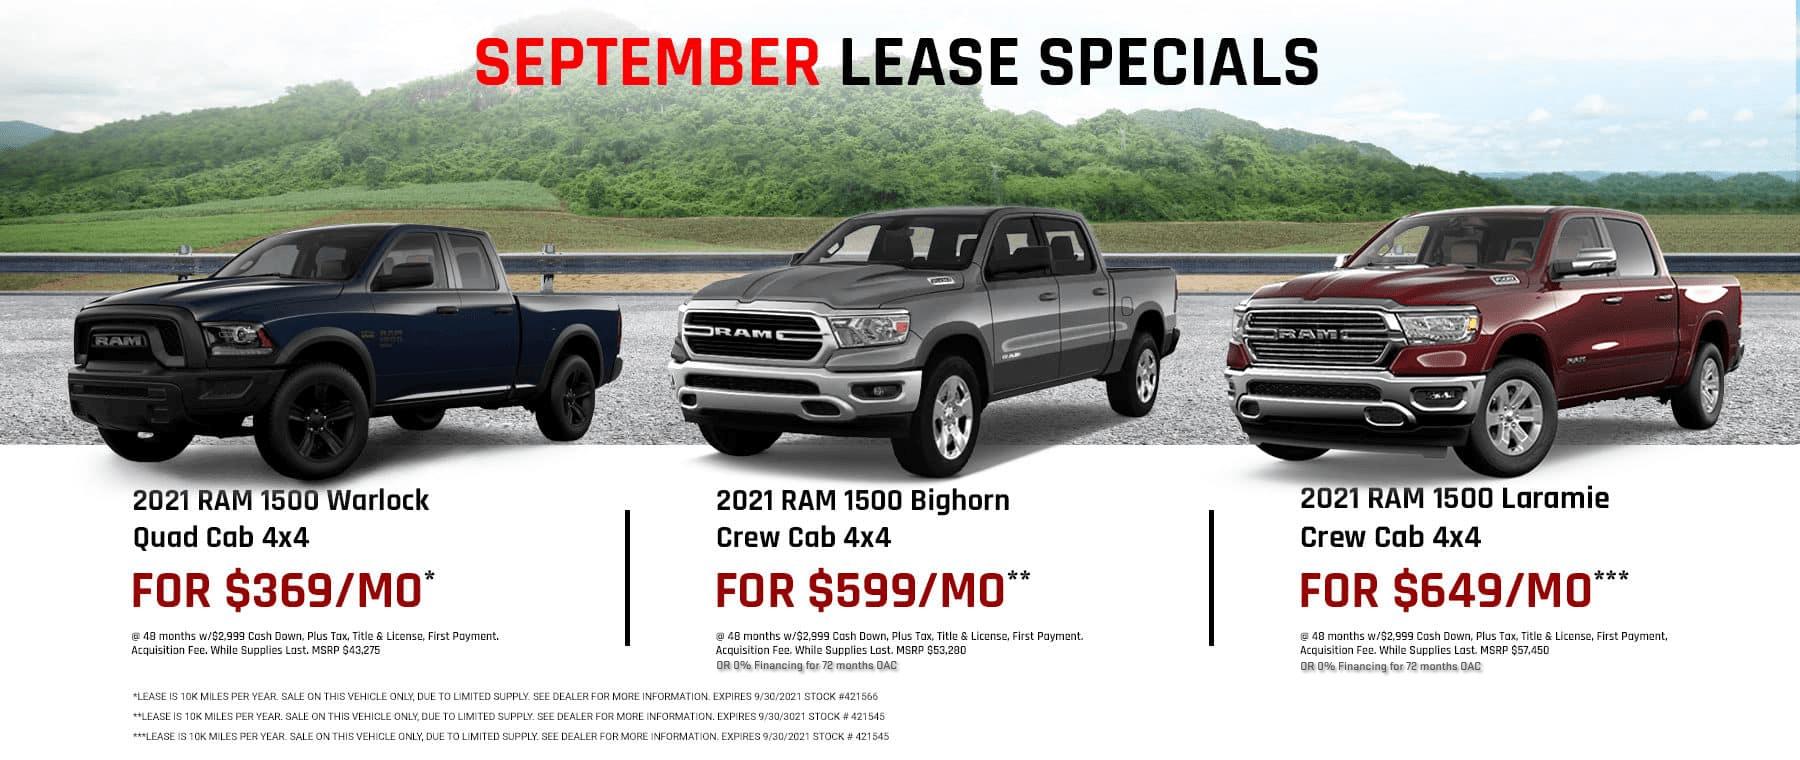 SeptemberLeaseSpecials_Updated